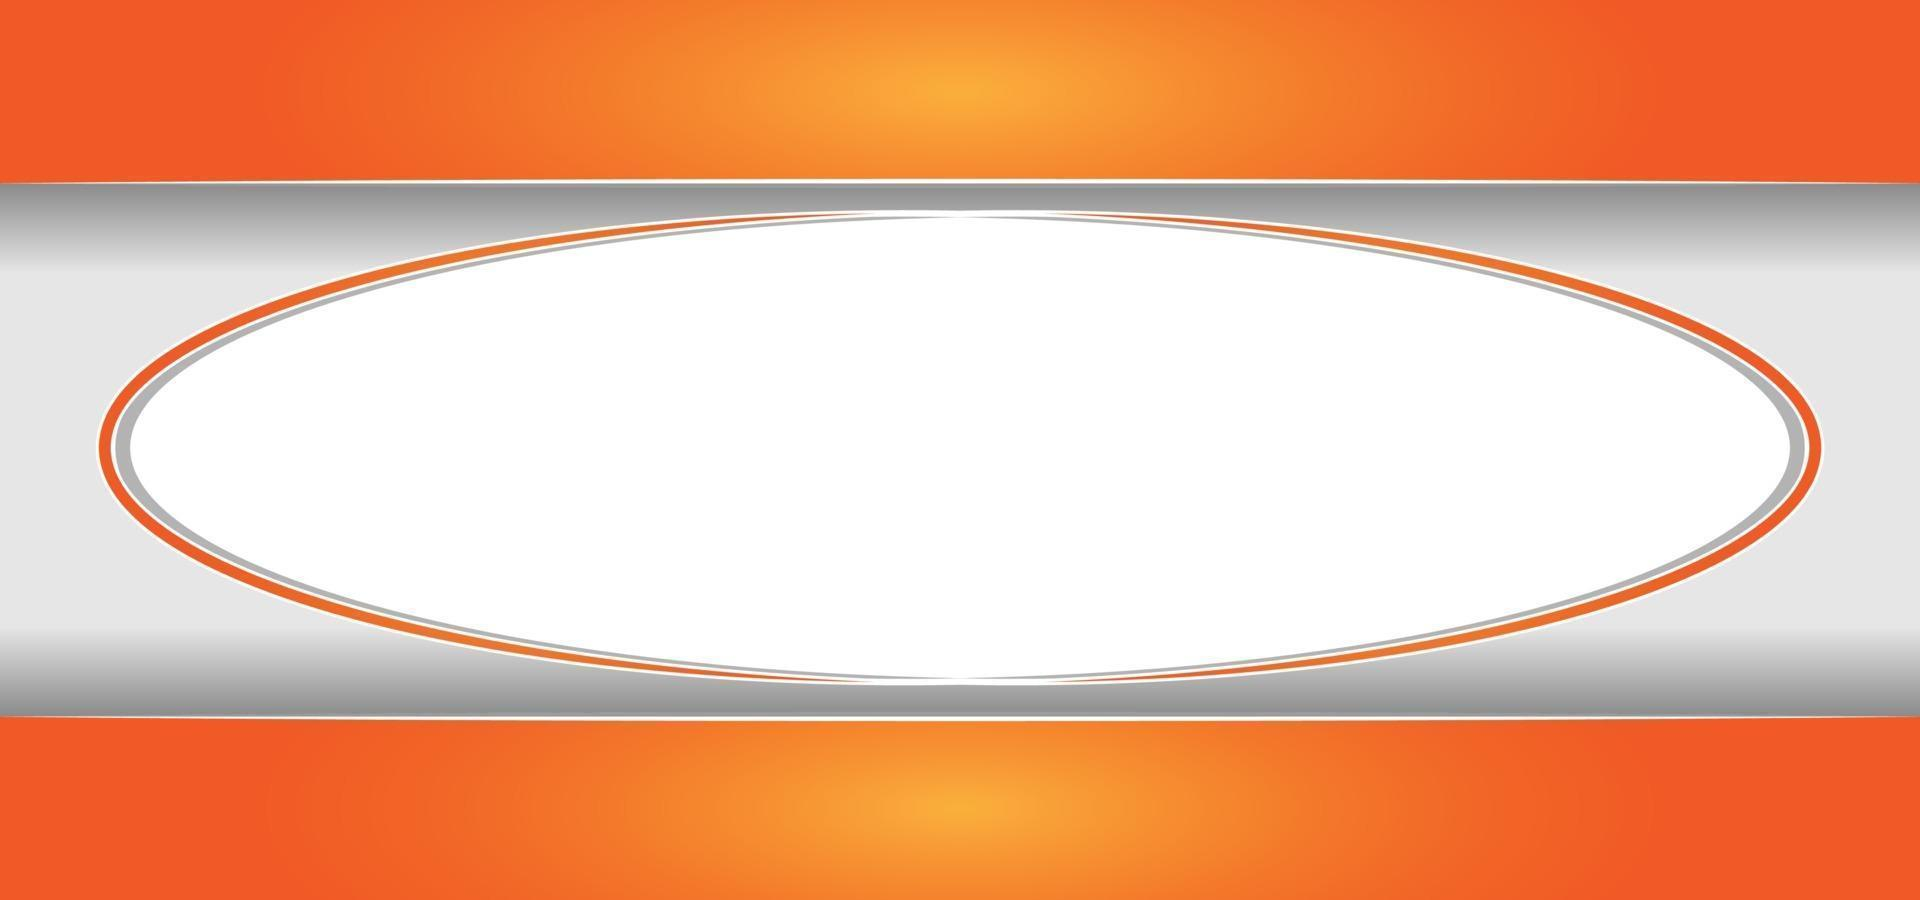 abstrakter orange Rahmen oder Hintergrund vektor